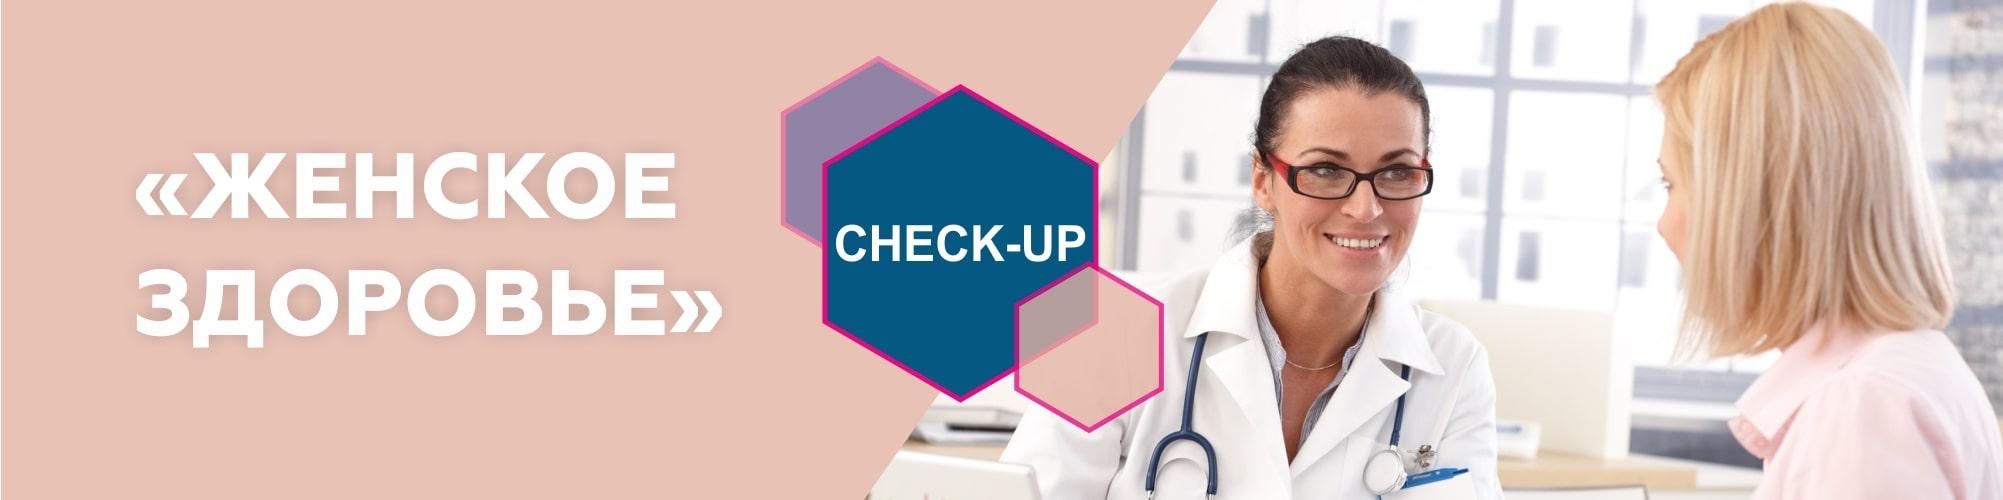 Check-up «Женское здоровье»